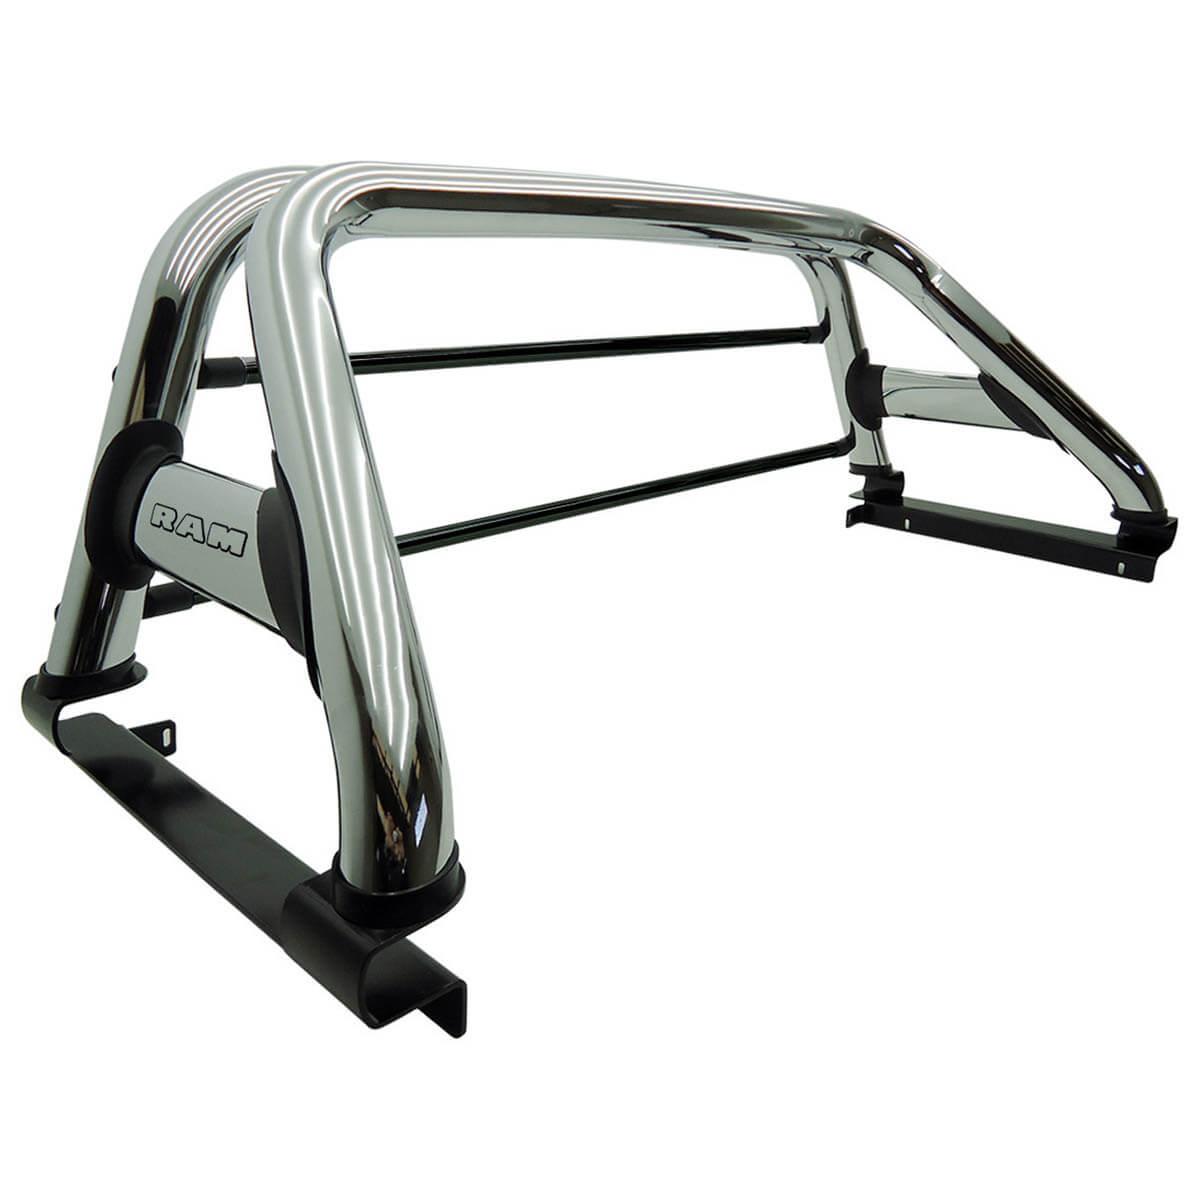 Santo antônio duplo cromado Dodge Ram 2005 a 2011 ou Laramie 2012 com barras de vidro